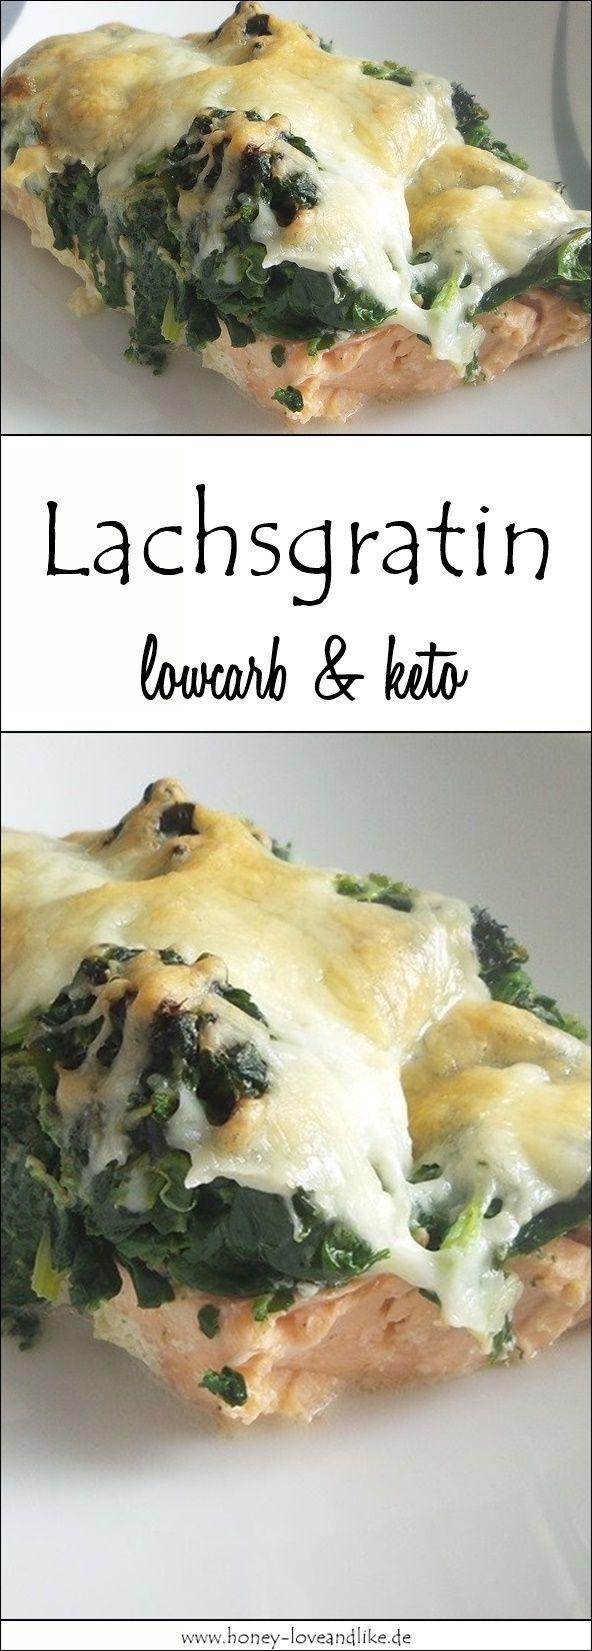 Ketogenes Lowcarb Lachsgratin mit Blattspinat und viel Käse #healthyshrimprecipes